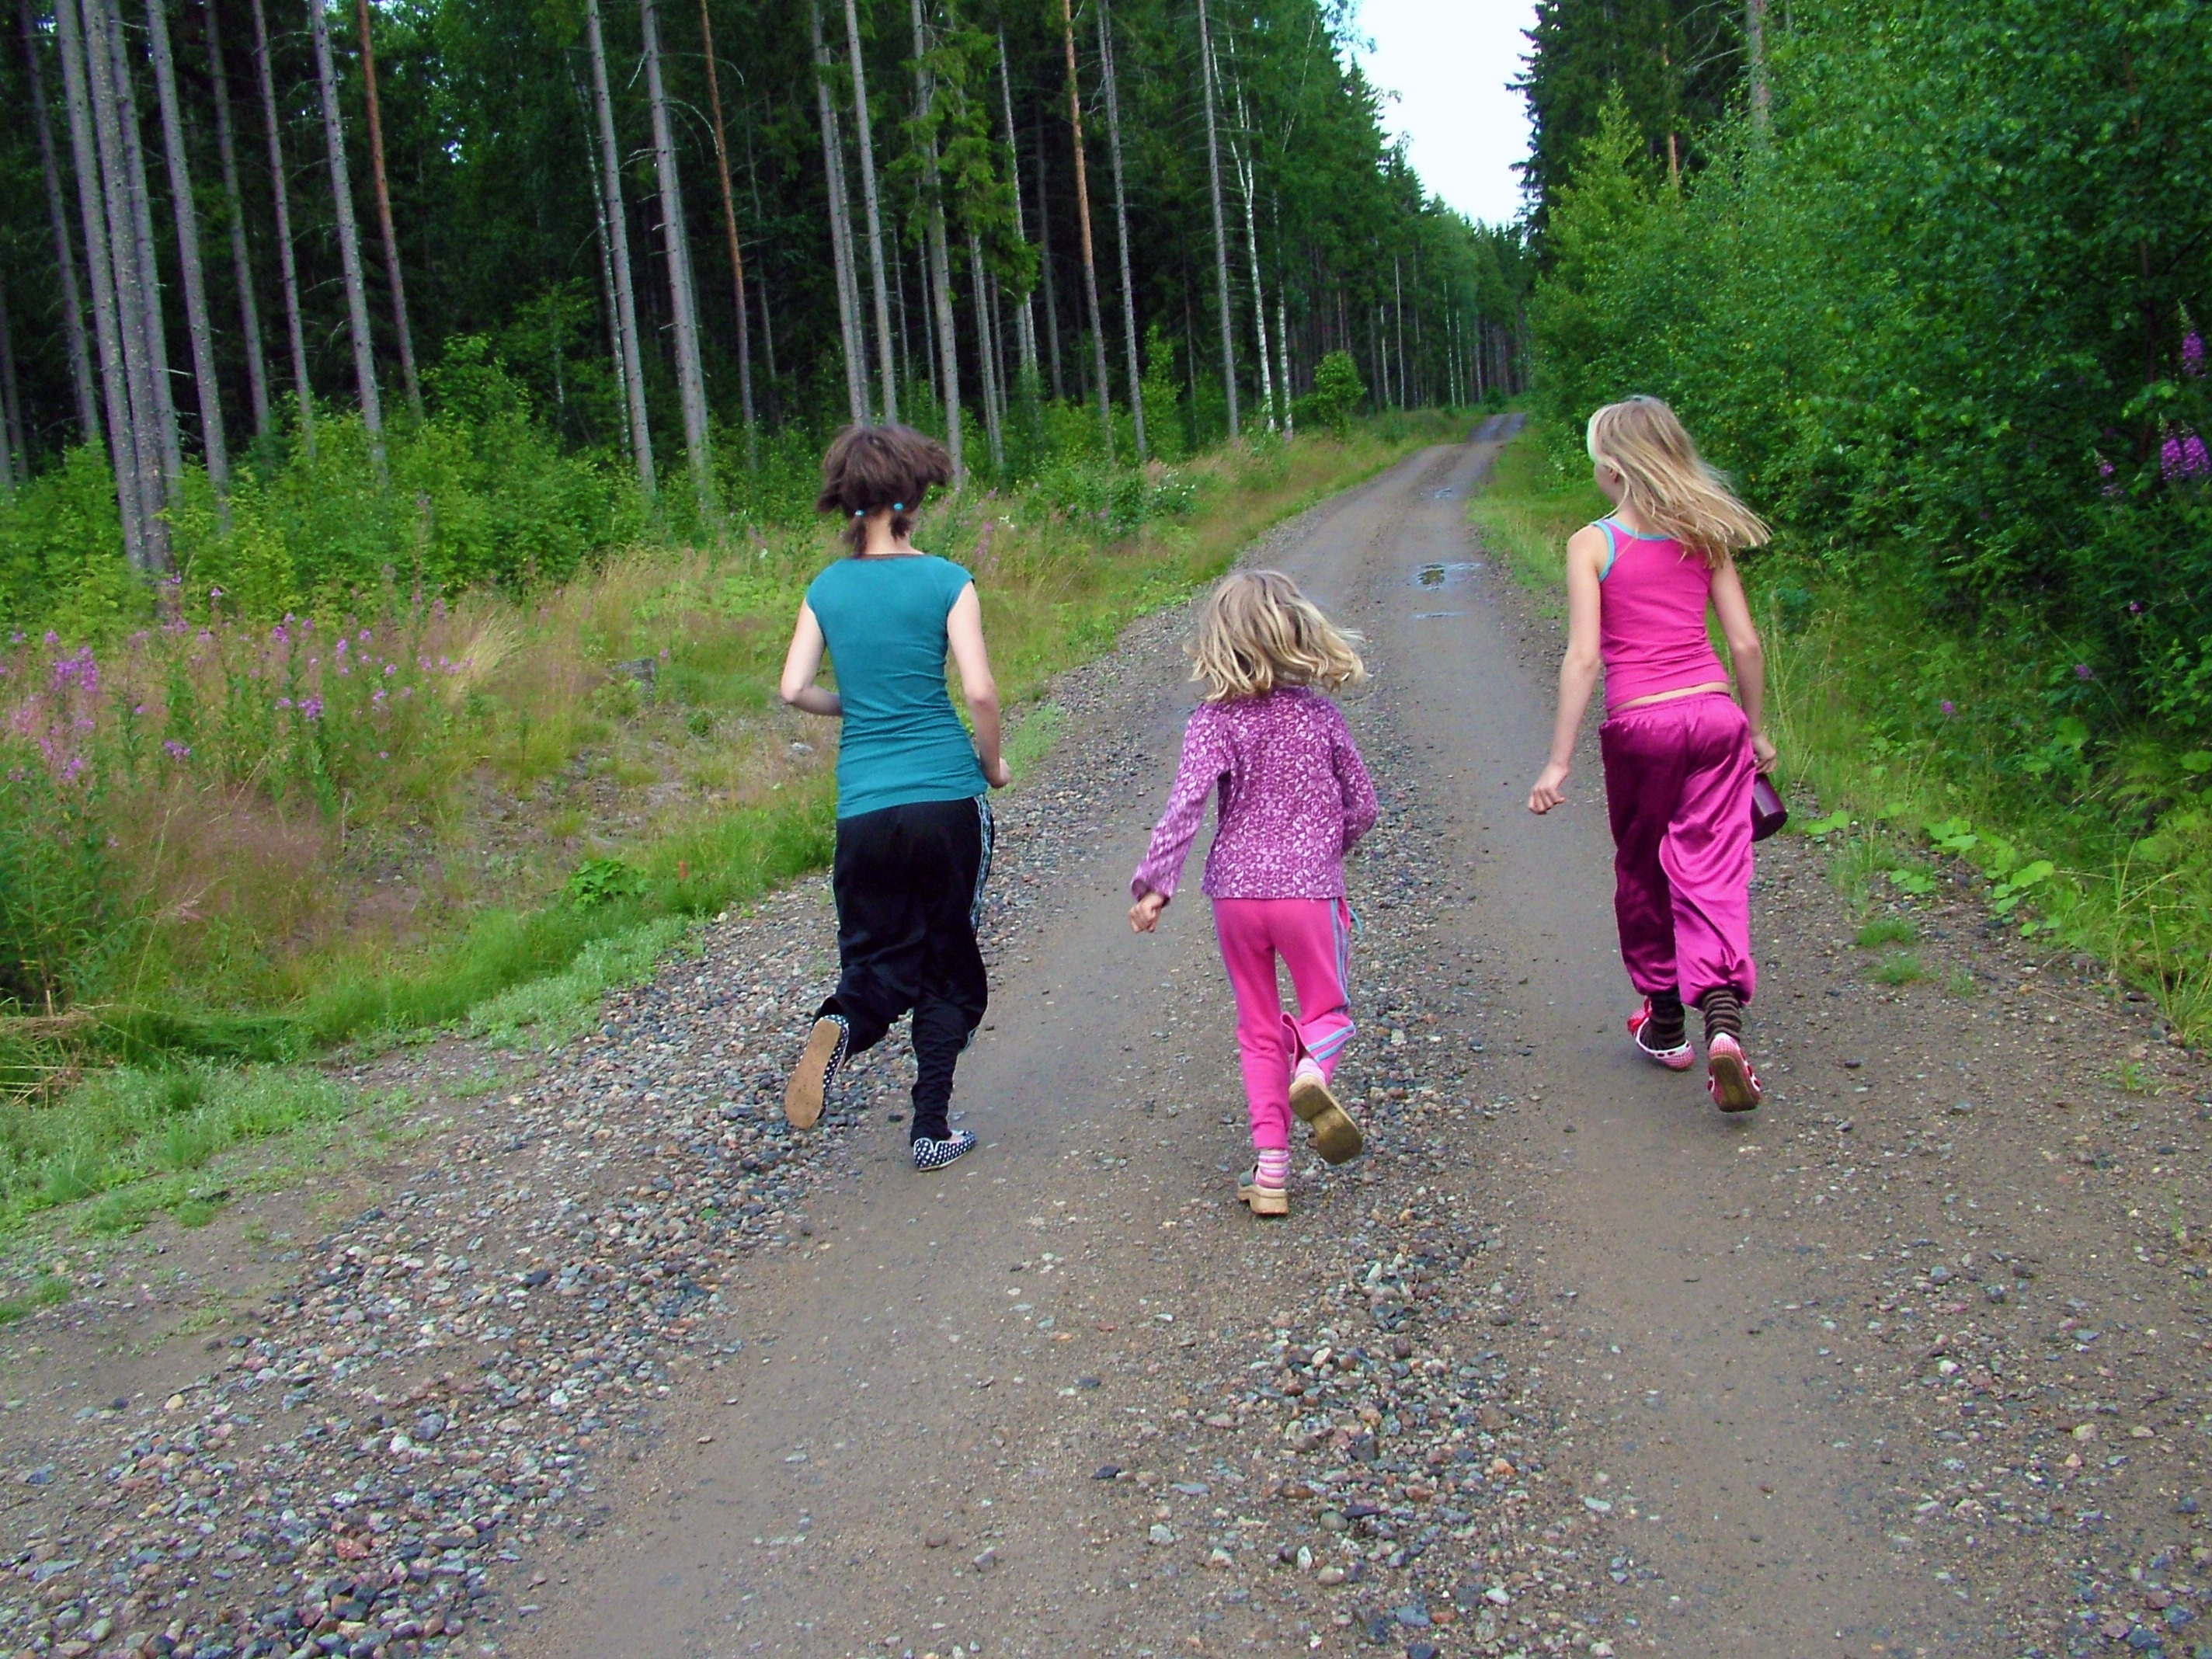 Mit Kindern kann man Plogging als abwechslungsreiches Spiel gestalten.